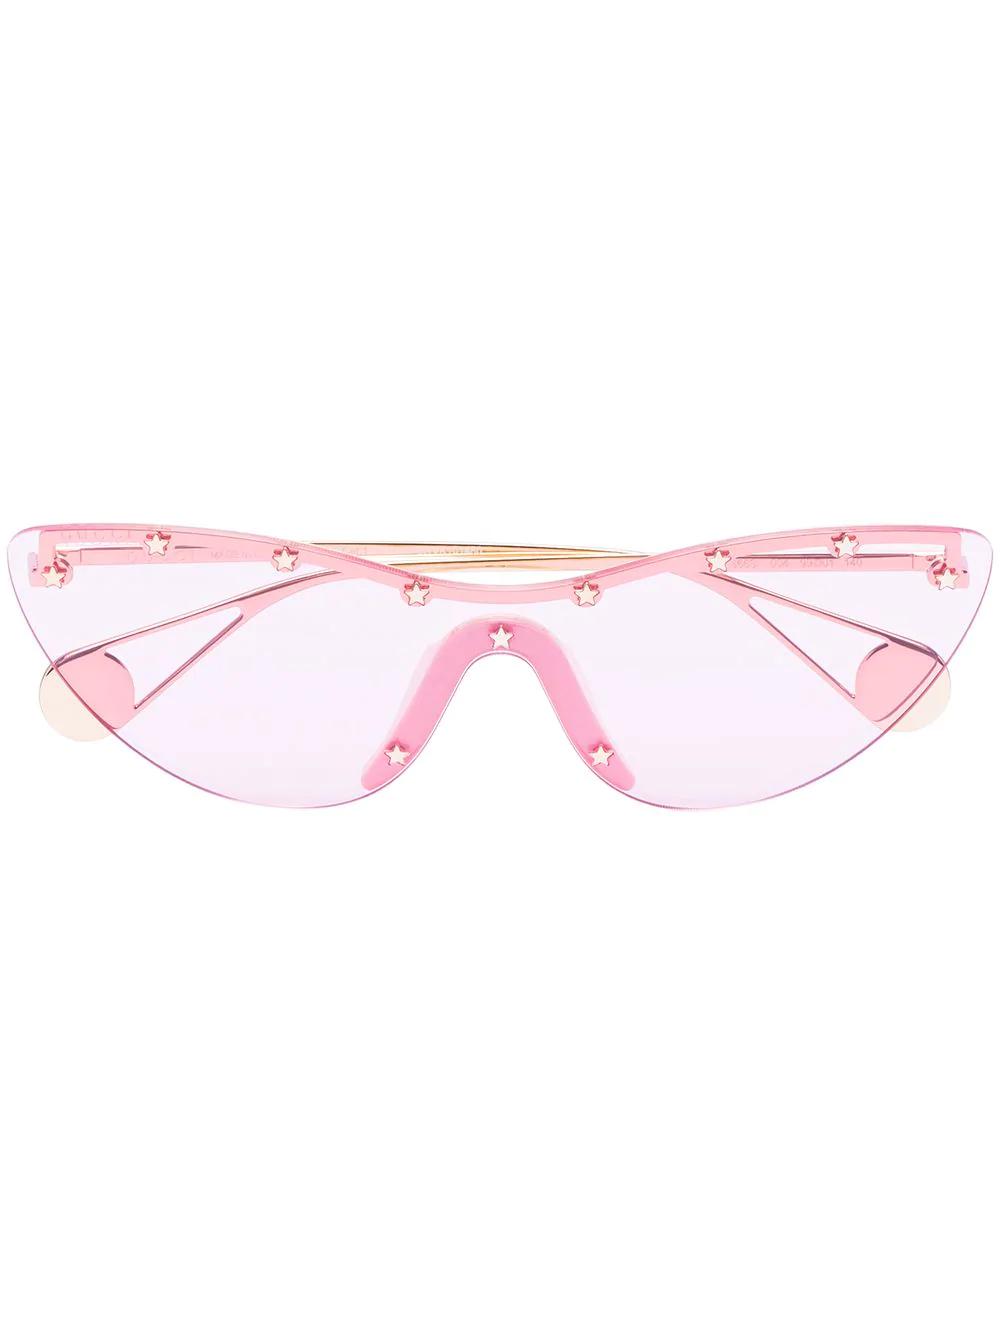 Gucci Eyewear 977лв